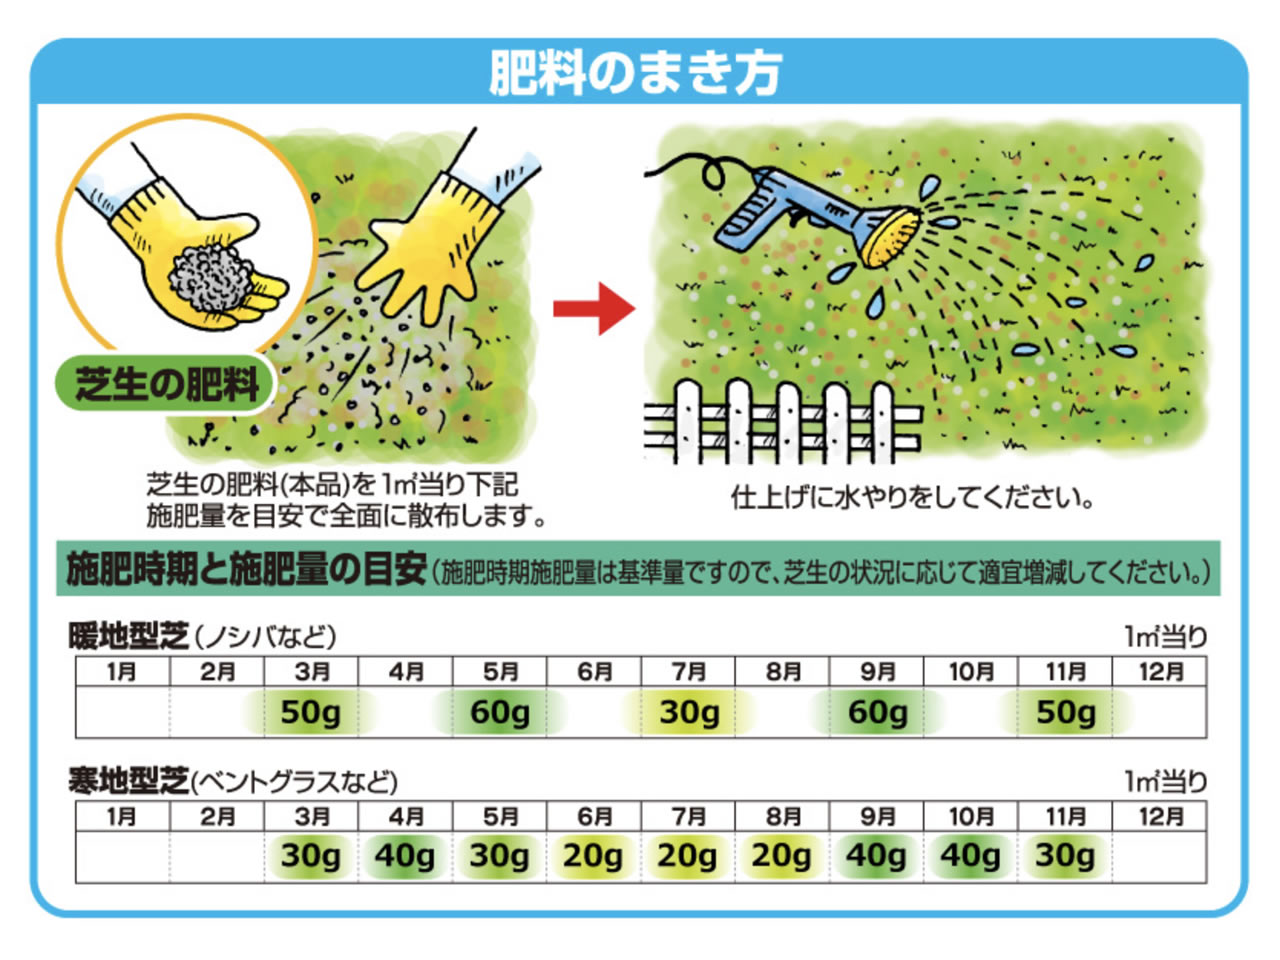 肥料を撒く時期は3月